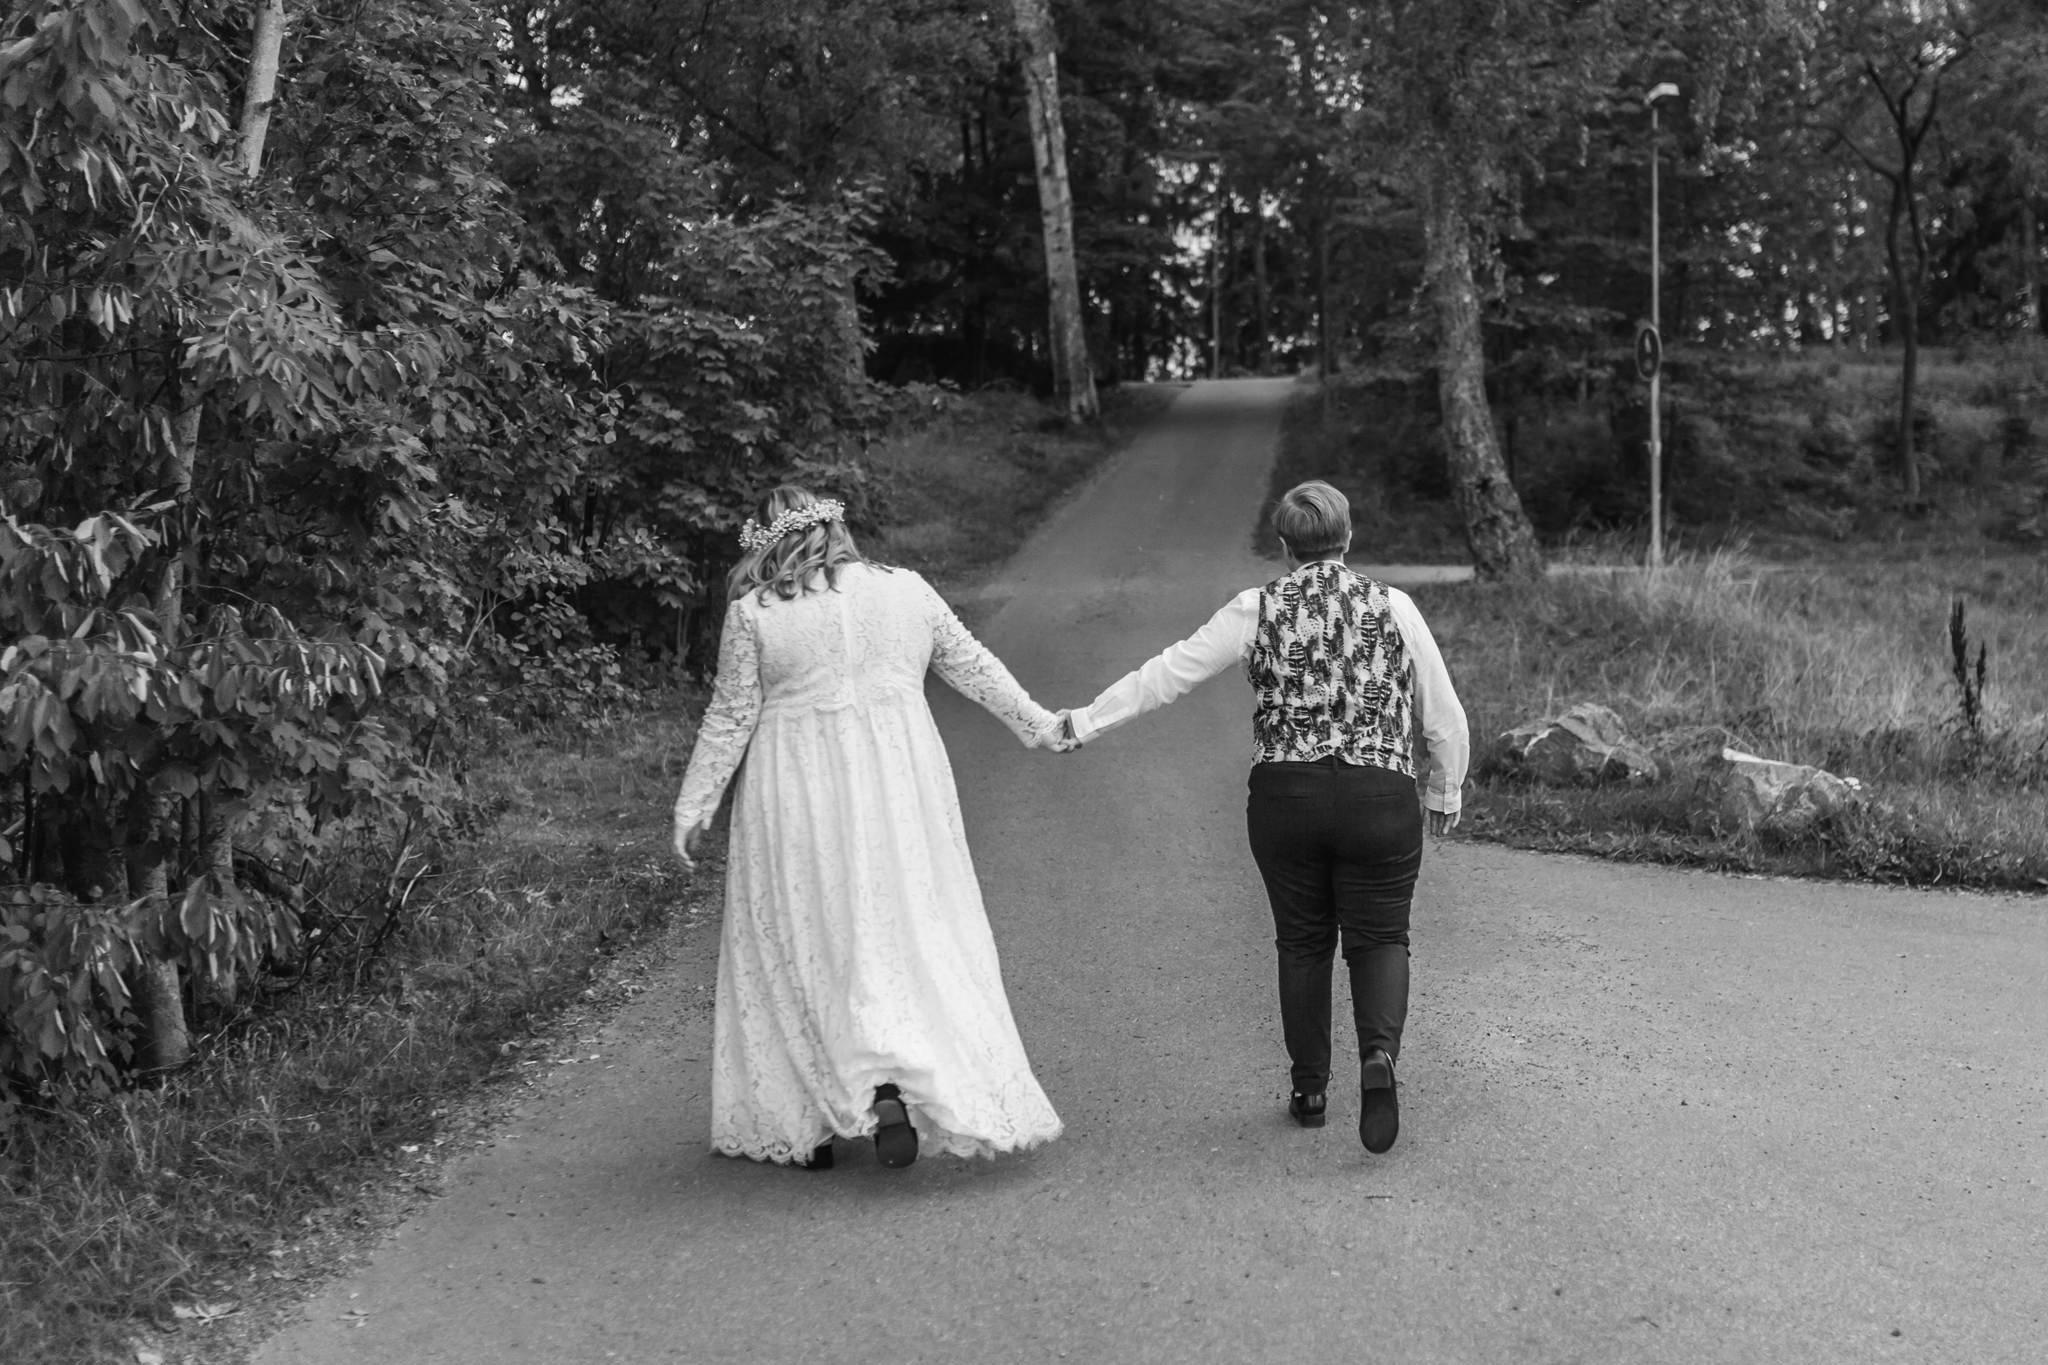 b5db9d7c5551 Samkönat bröllop | Bröllopsfotograf i Södra Sverige | Göteborg Stockholm